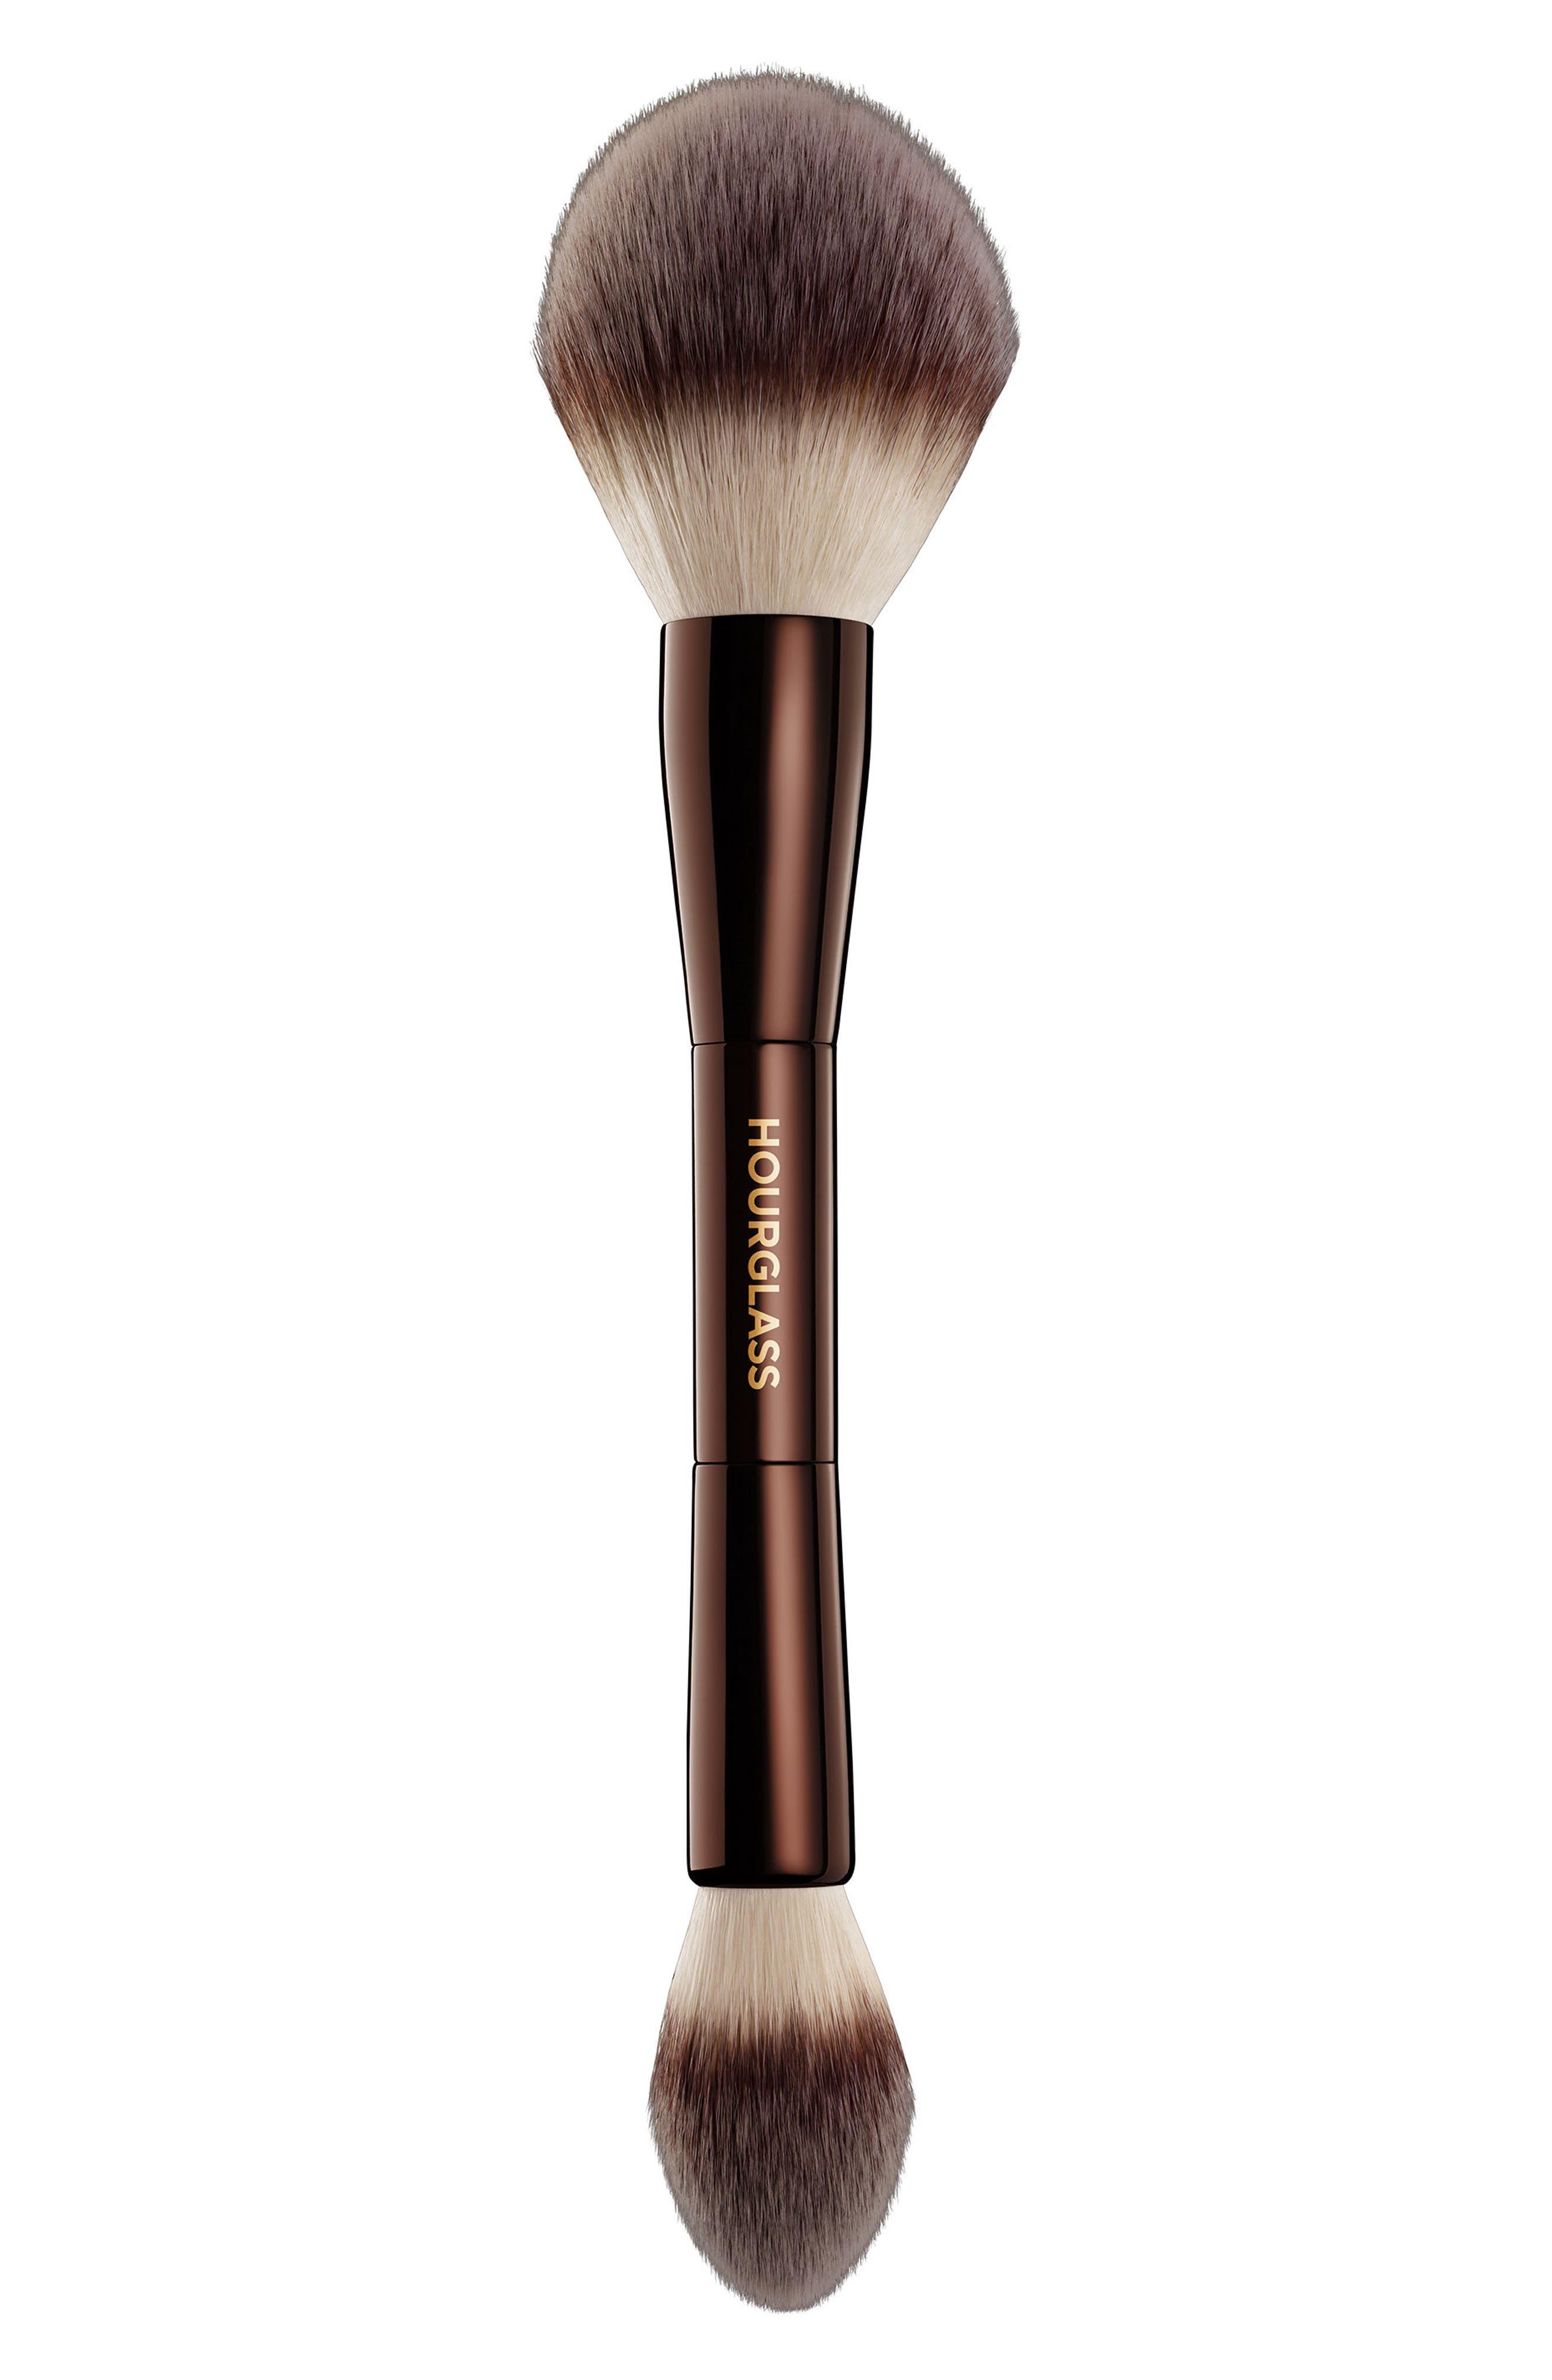 Main Image - HOURGLASS Veil Powder Brush